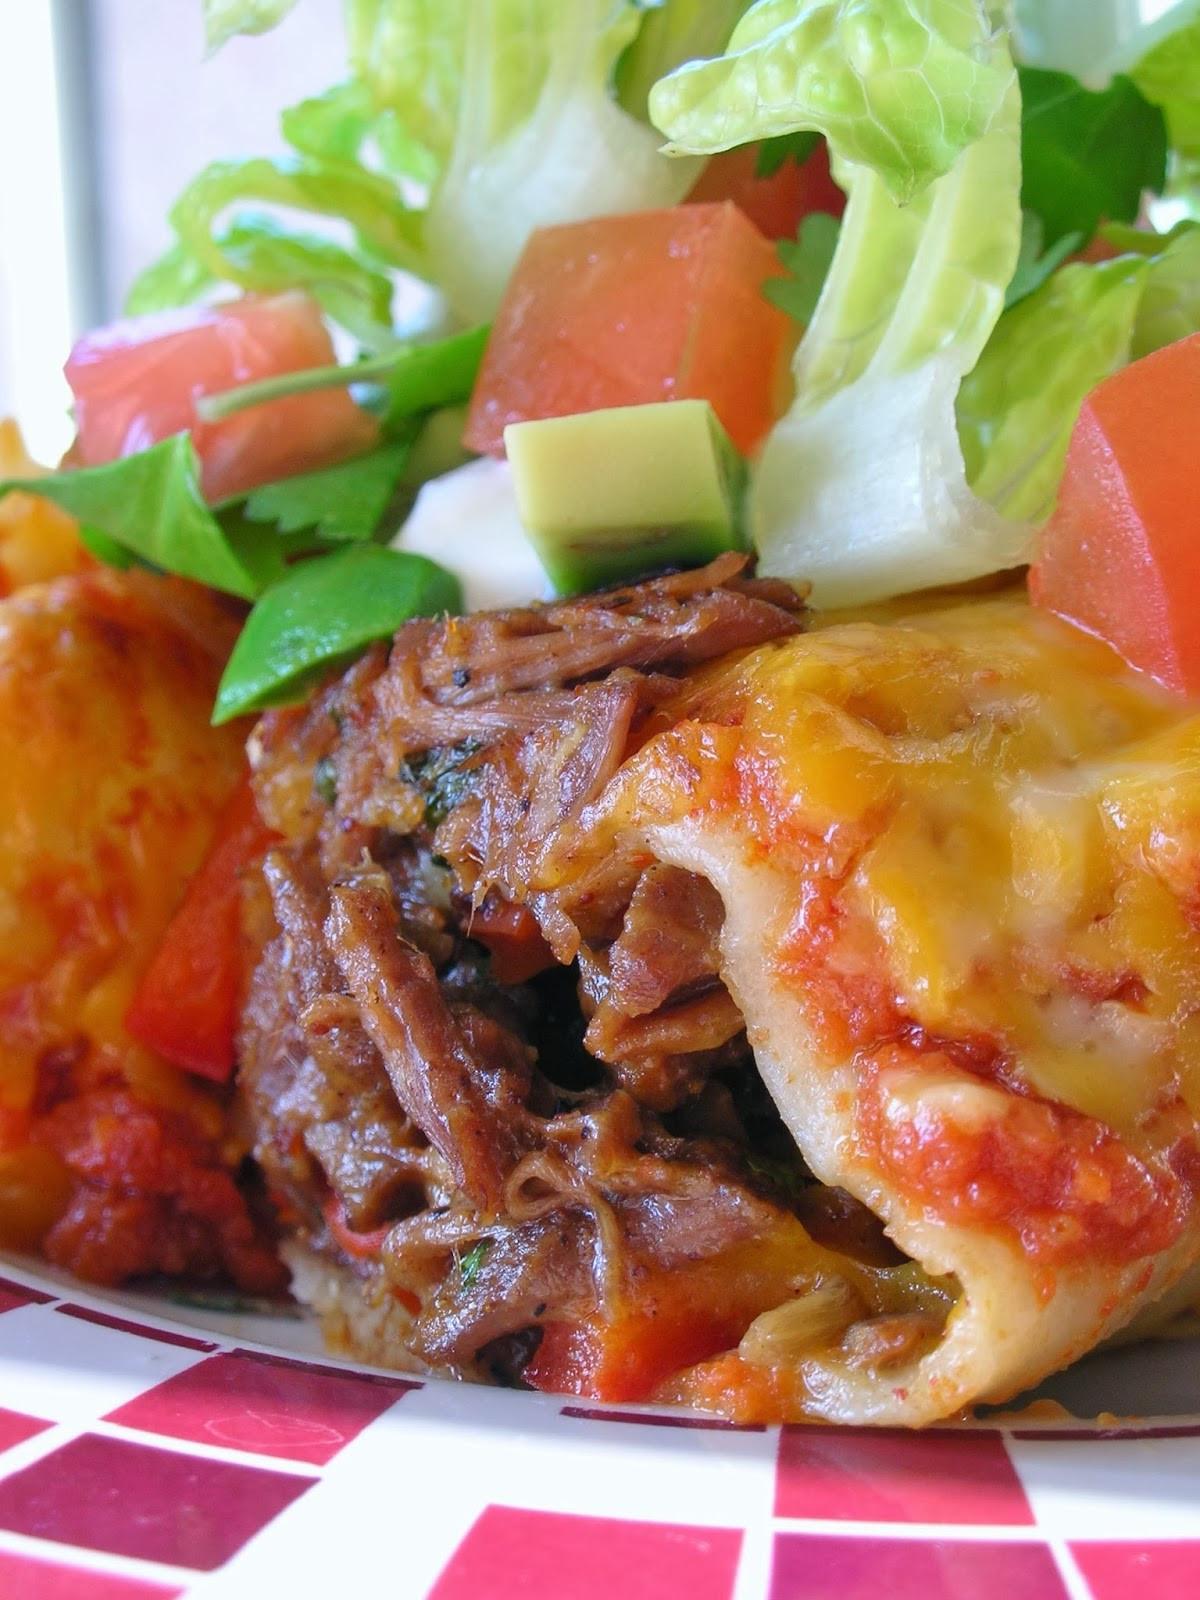 Beef Enchiladas With Corn Tortillas  Basil Braised Beef Enchiladas